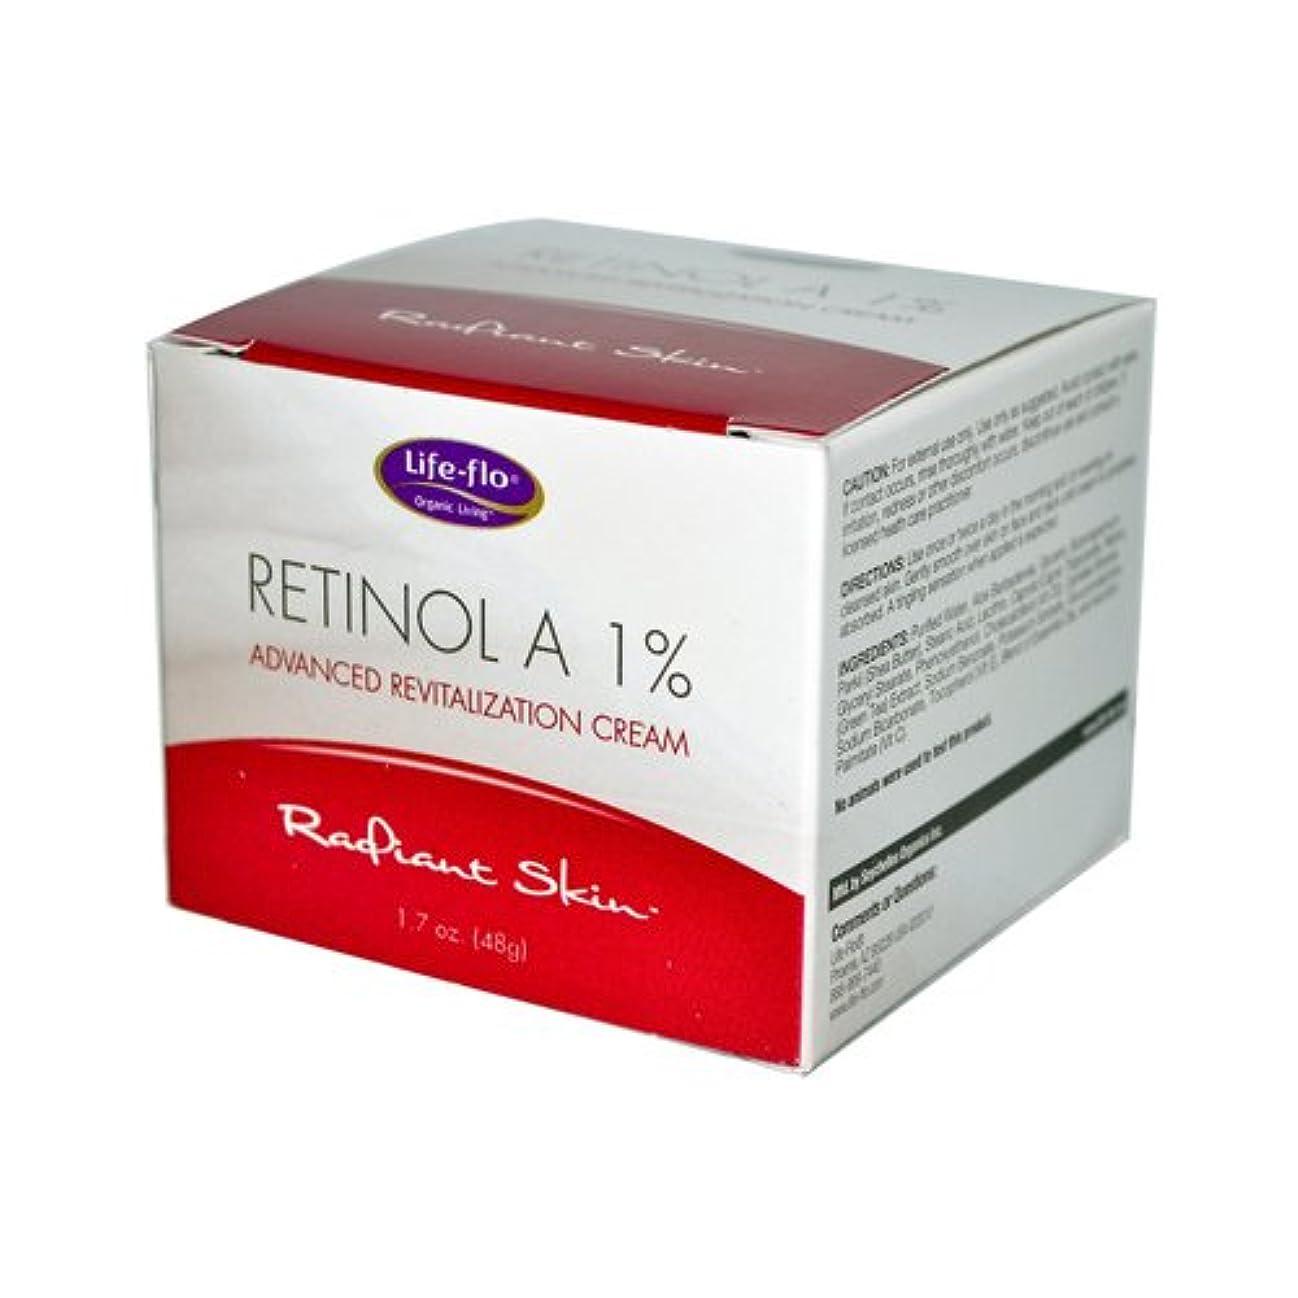 位置づける階下省略海外直送品 Life-Flo Retinol A 1% Advanced Revitalization Cream, 1.7 oz